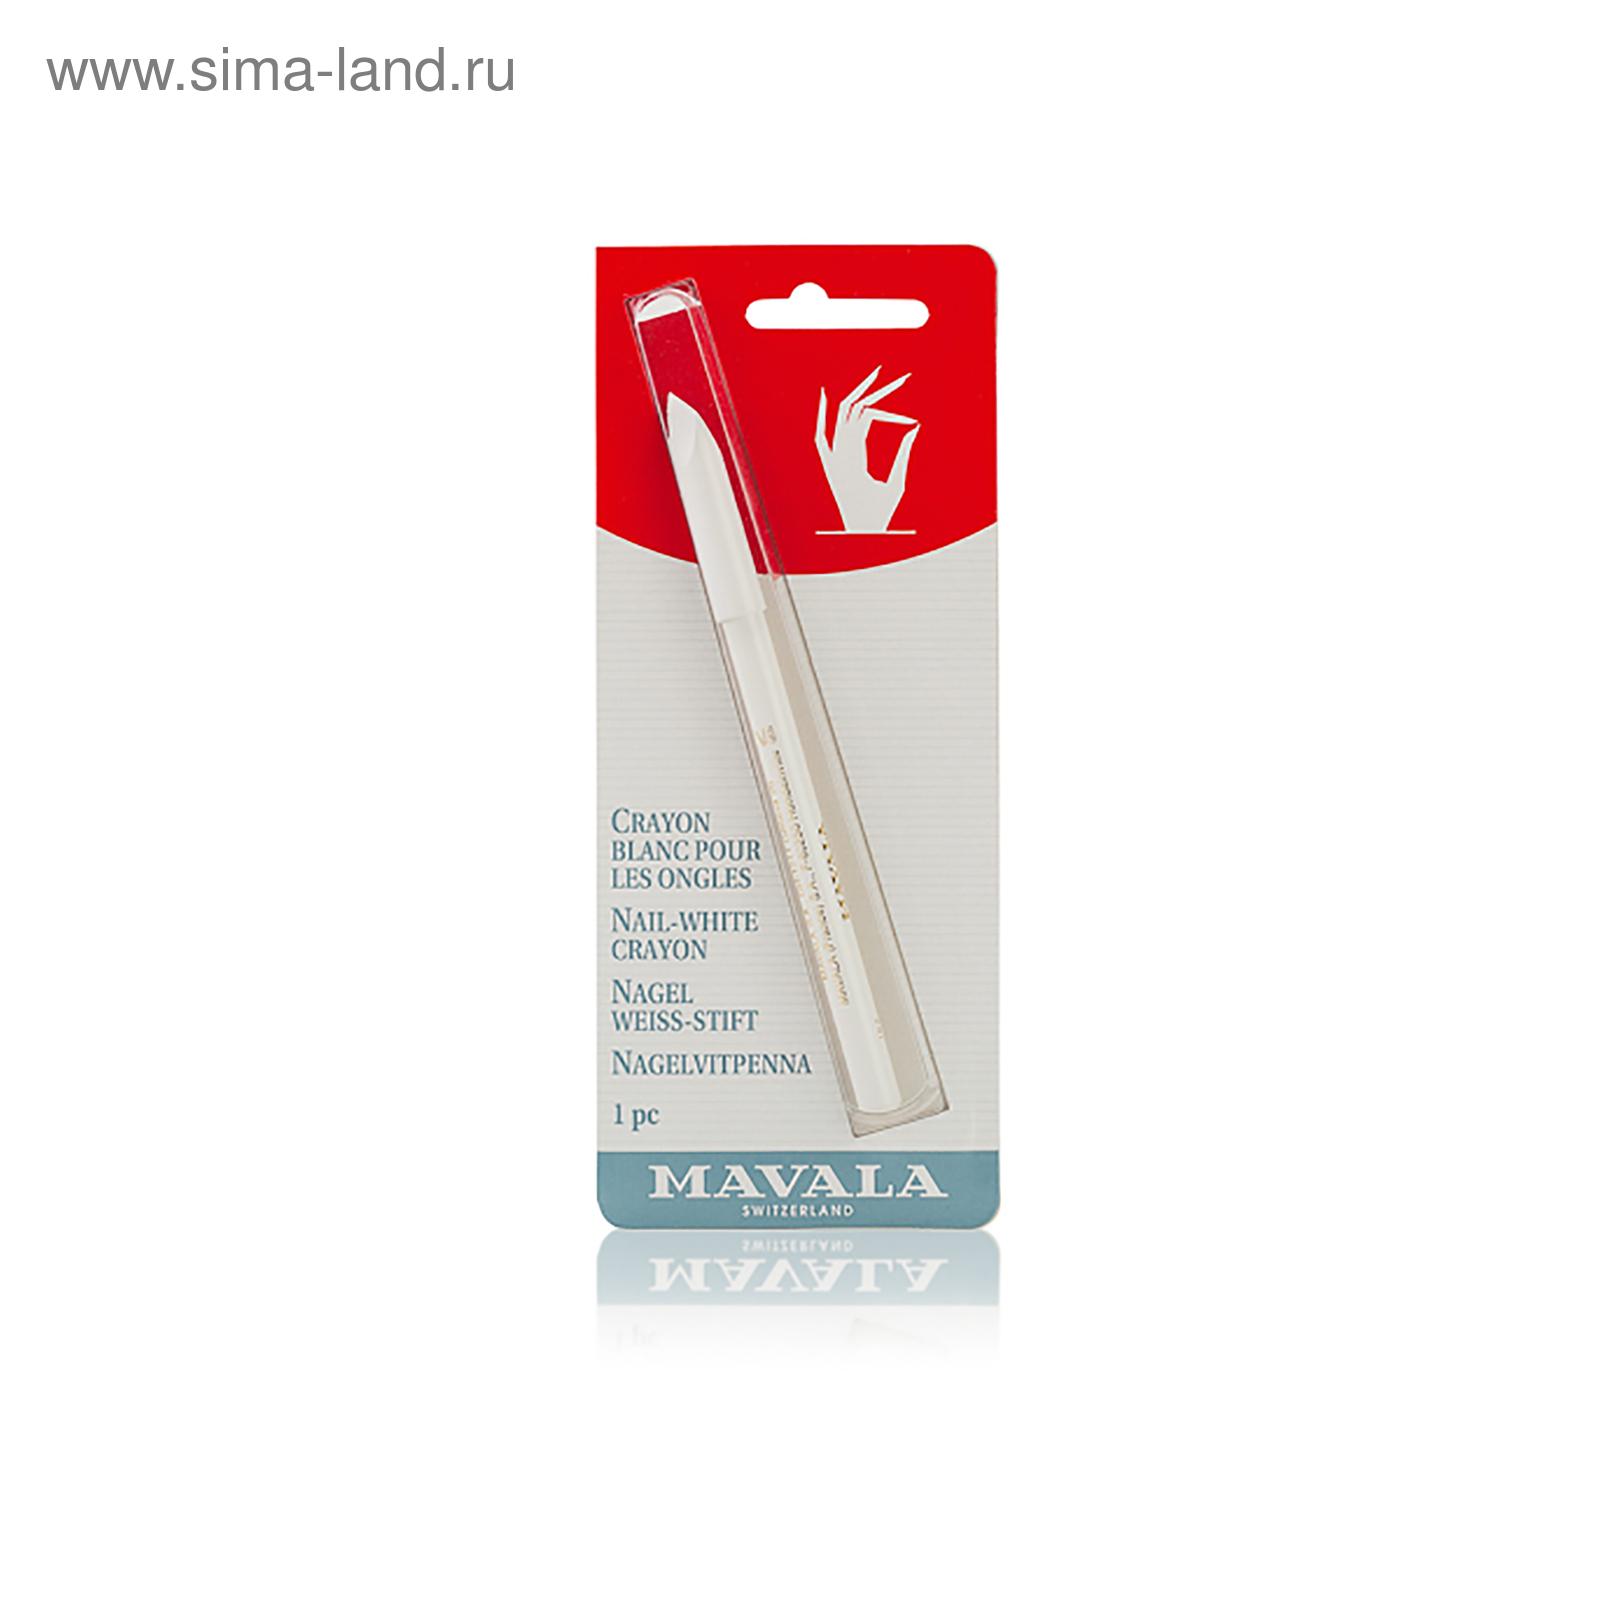 Как делать французский маникюр белым карандашом